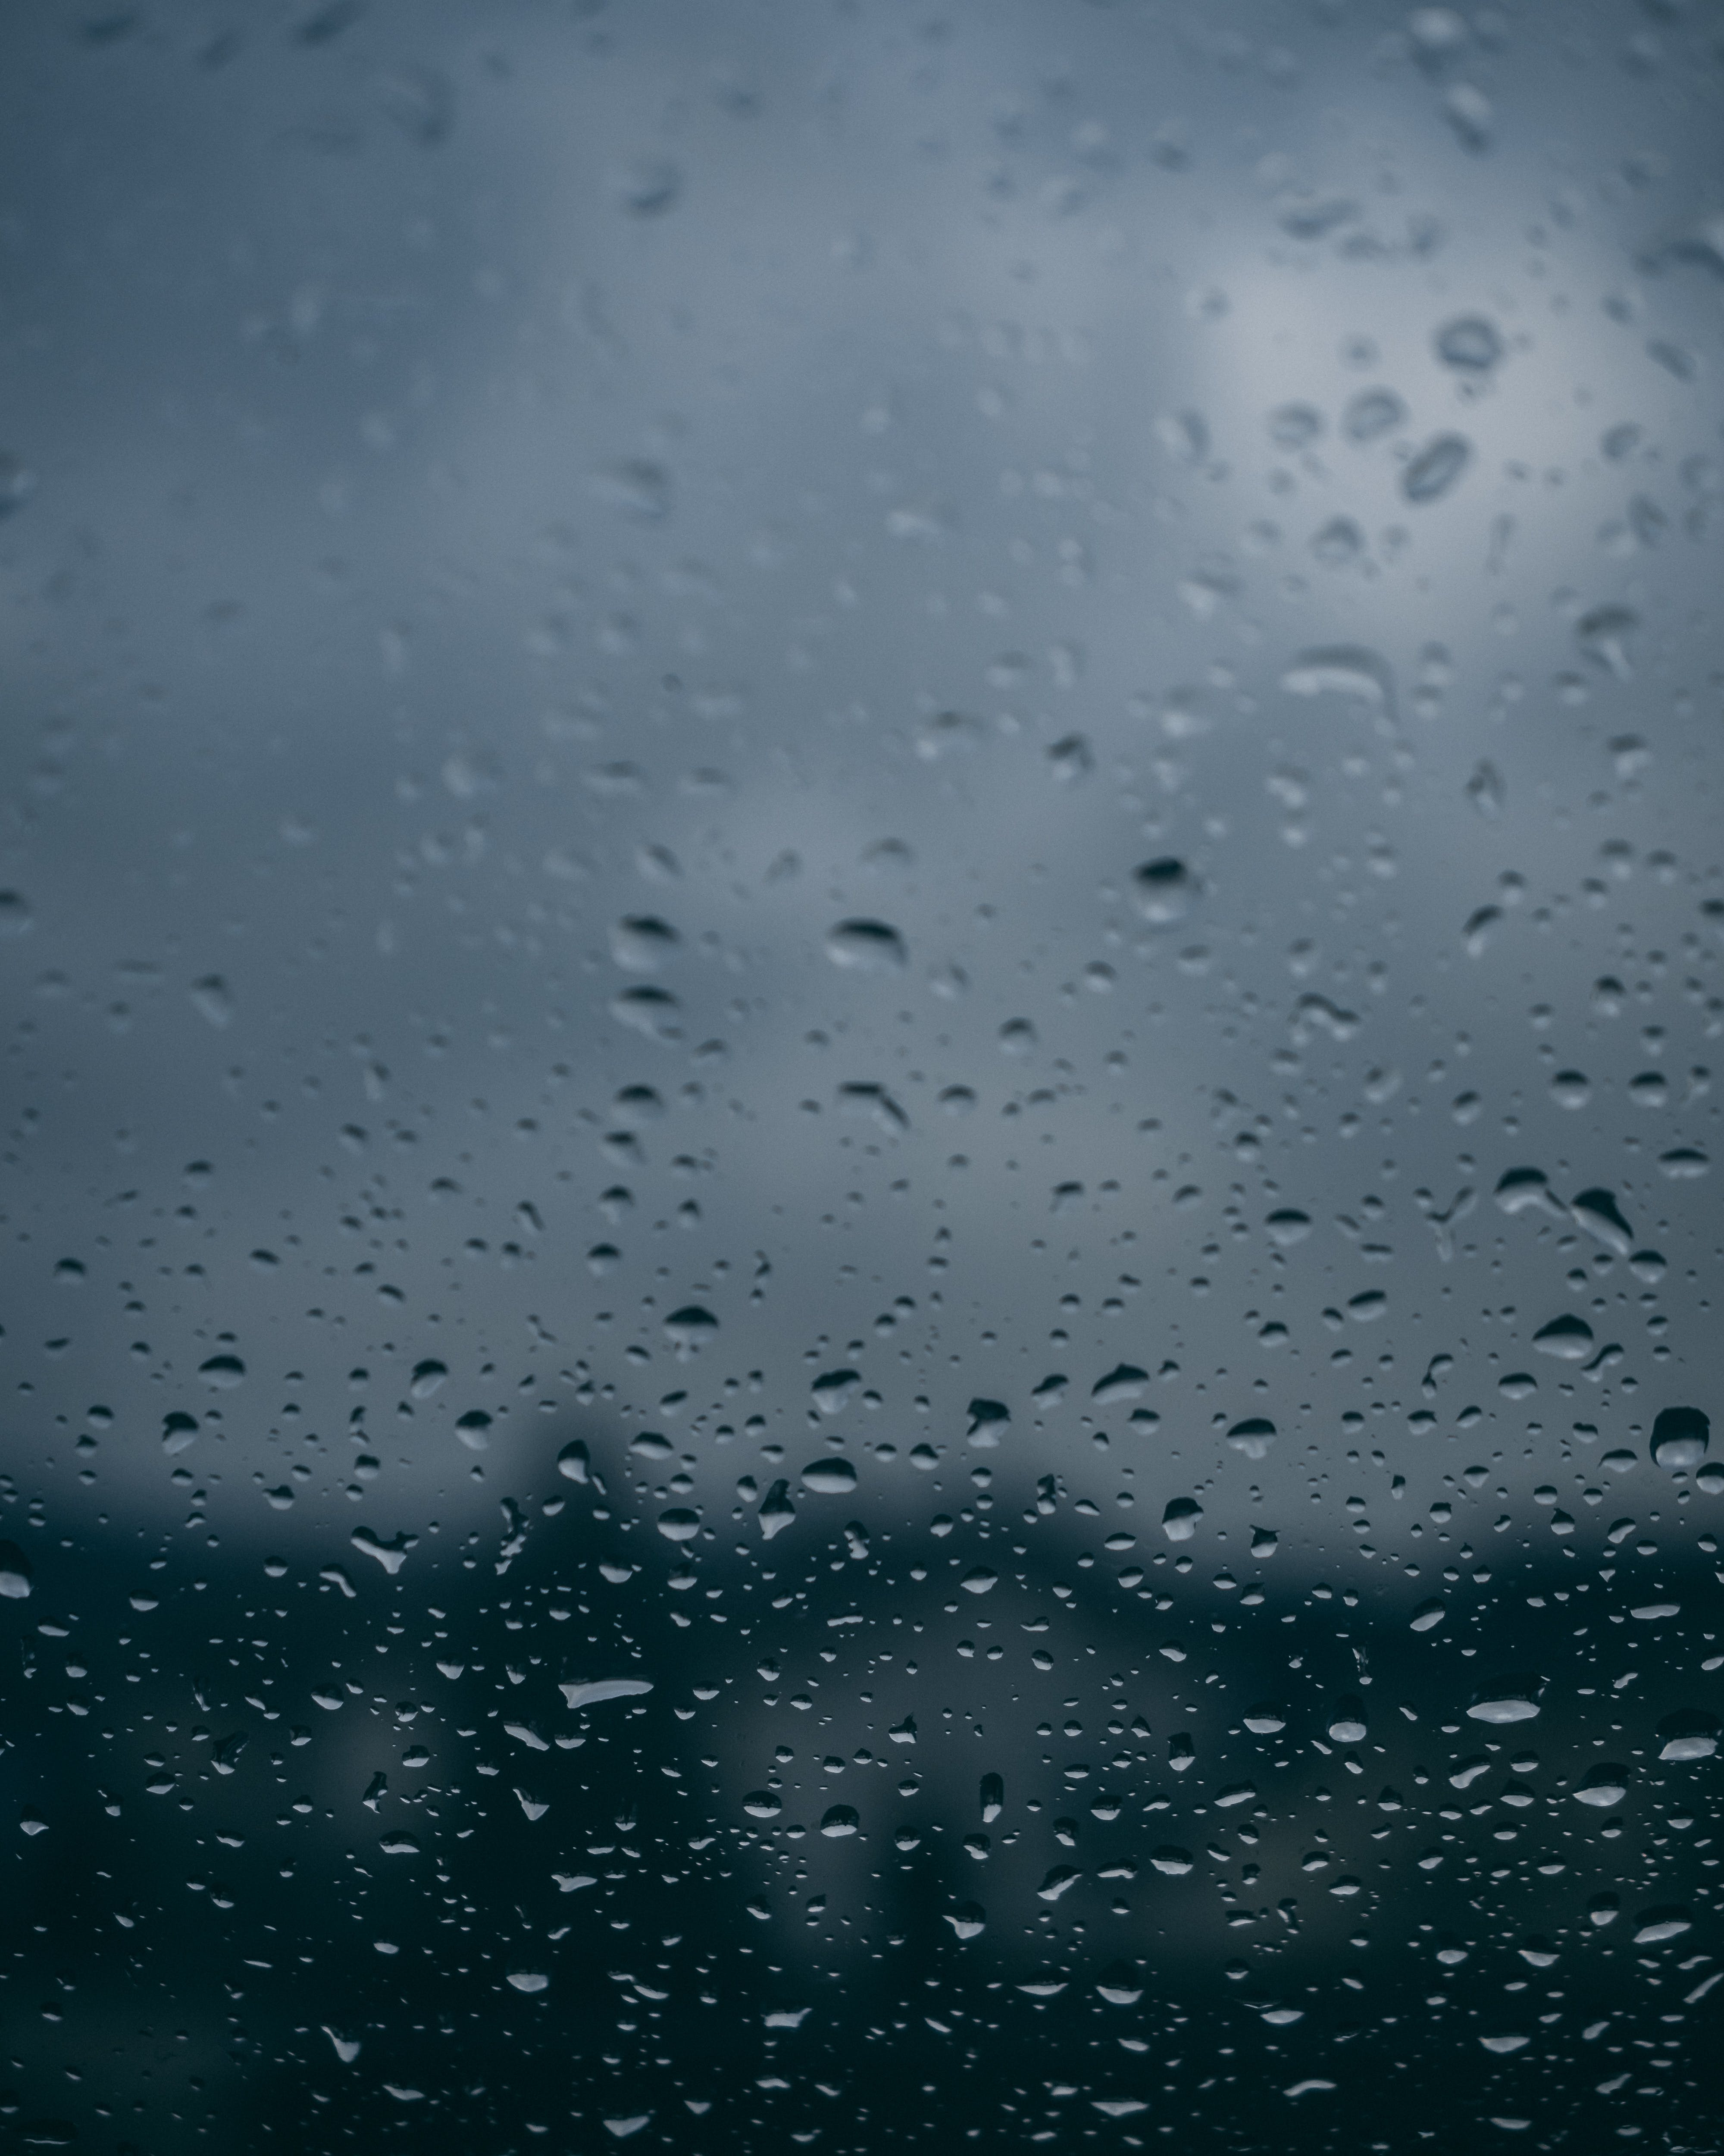 Gratis lagerfoto af glas, regn, regndråber, våd